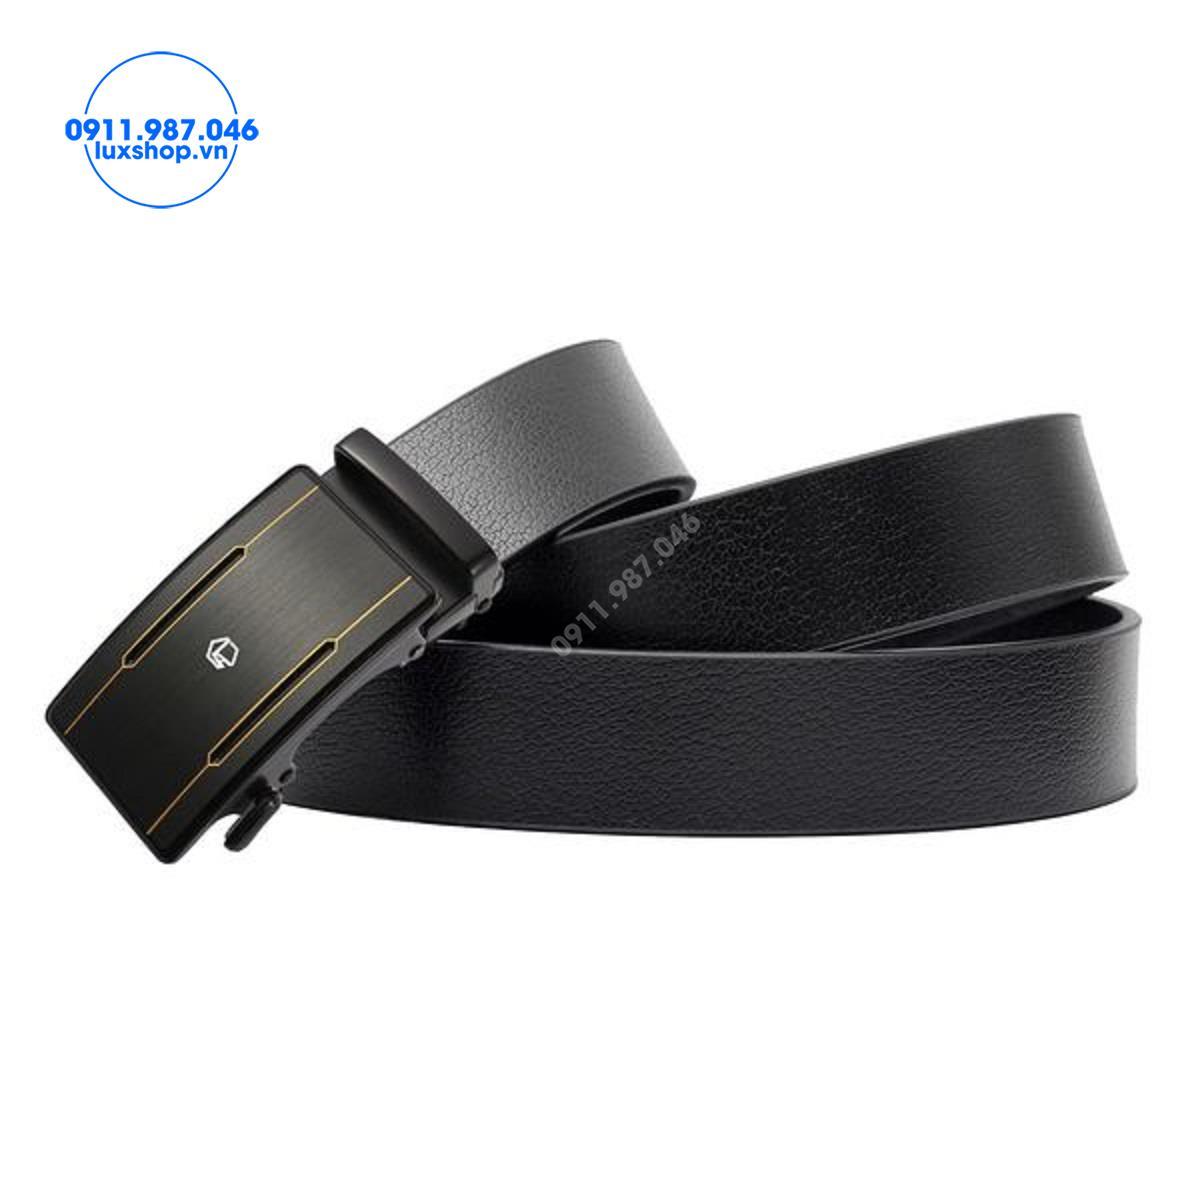 Thắt lưng nam da bò cao cấp đầu khóa tự động hợp kim không gỉ (3.5cm) - LM417